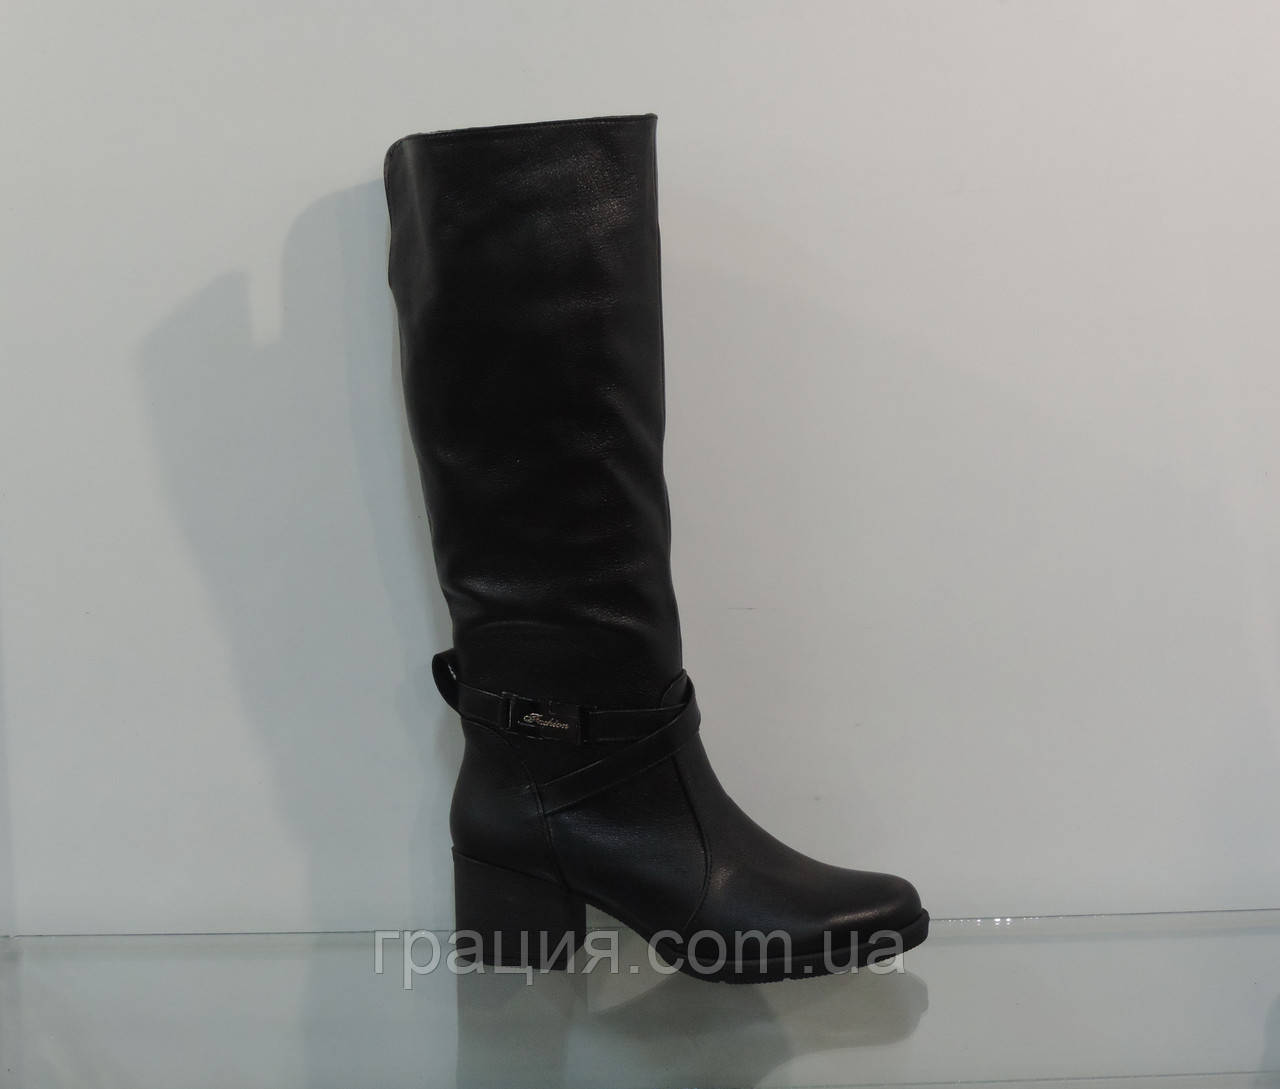 Зимові жіночі шкіряні чобітки без блискавки